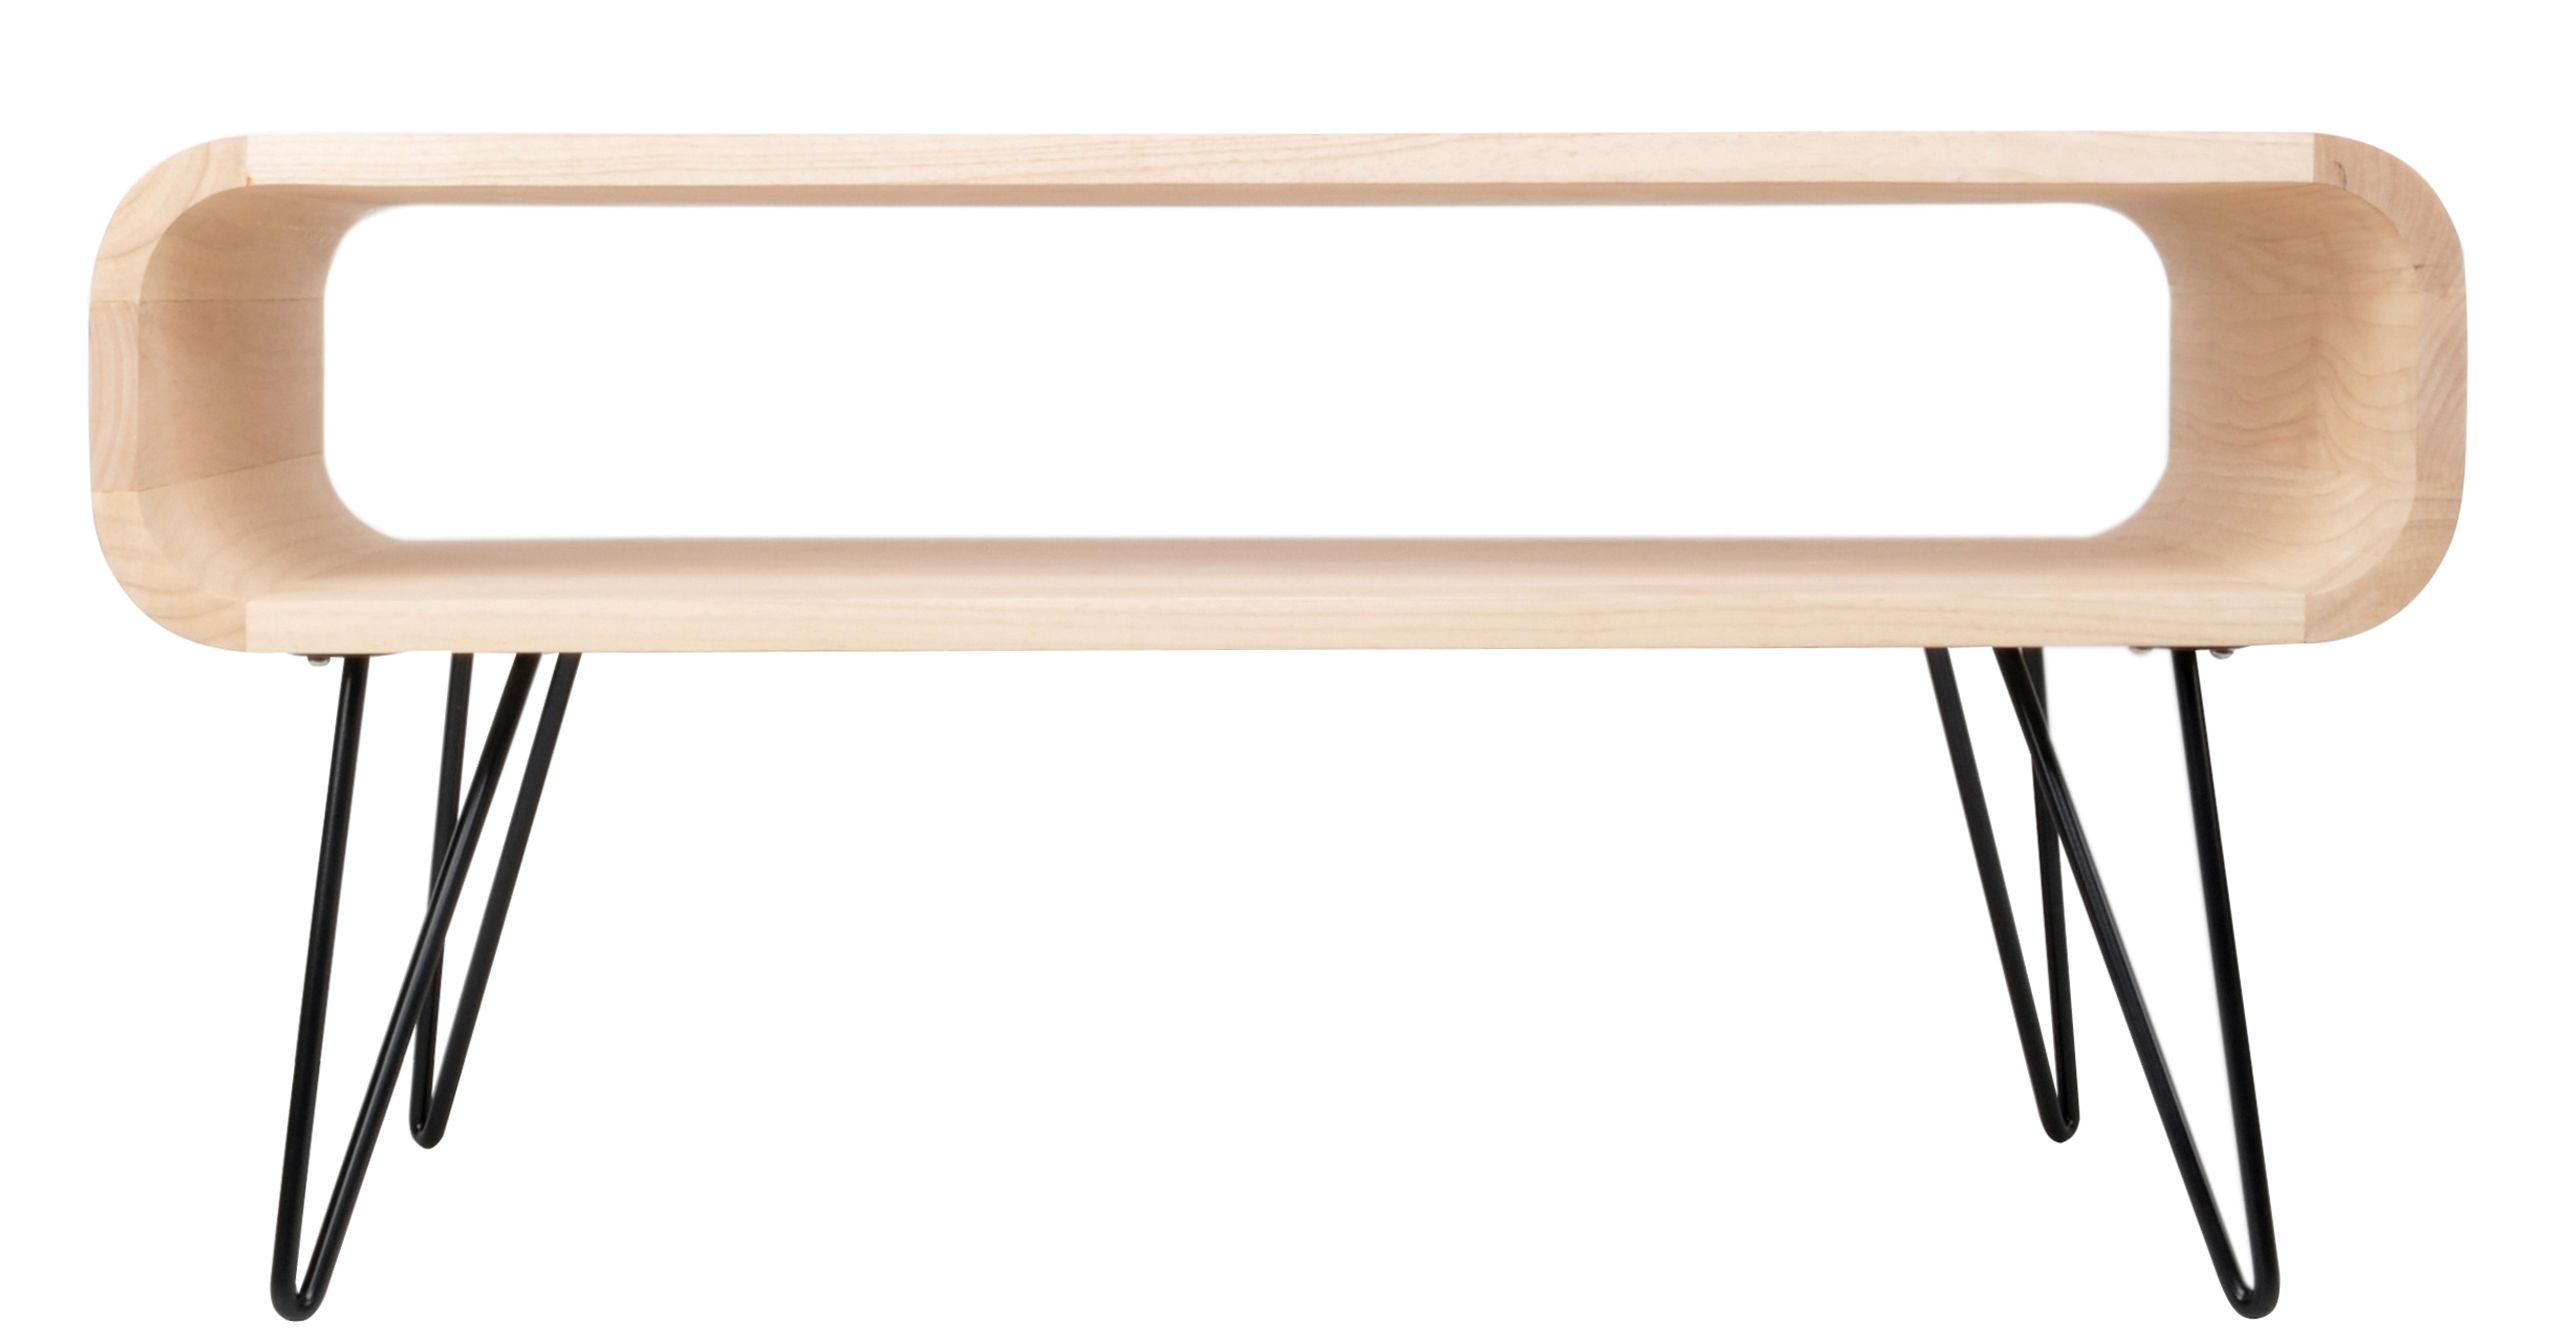 Mobilier - Tables basses - Table basse Metro Coffee / L 90 x H 45 cm - XL Boom - Bois naturel / Pied noir - Bois d'Hévéa, Métal peint